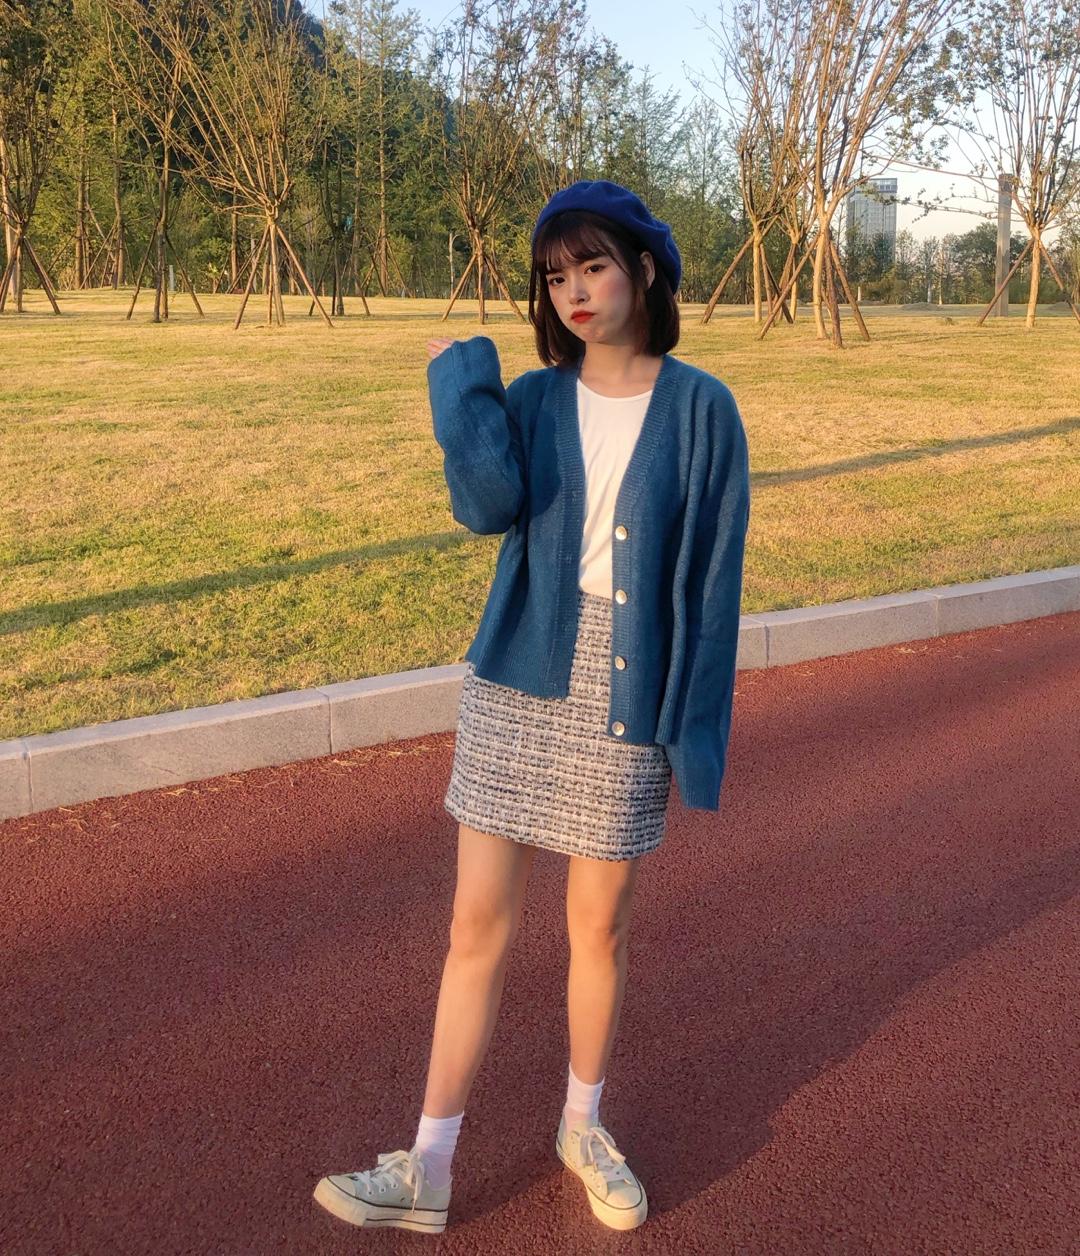 天气好到爆炸,外套颜色呼应帽子的颜色,短裙虽然单看有点浮夸但是整个一套下来还是很和谐很日常呀,蓝色也是真滴显白嗷,从夏天过度到秋天只用一件薄外套~#夏→秋,一件外套搞定!#